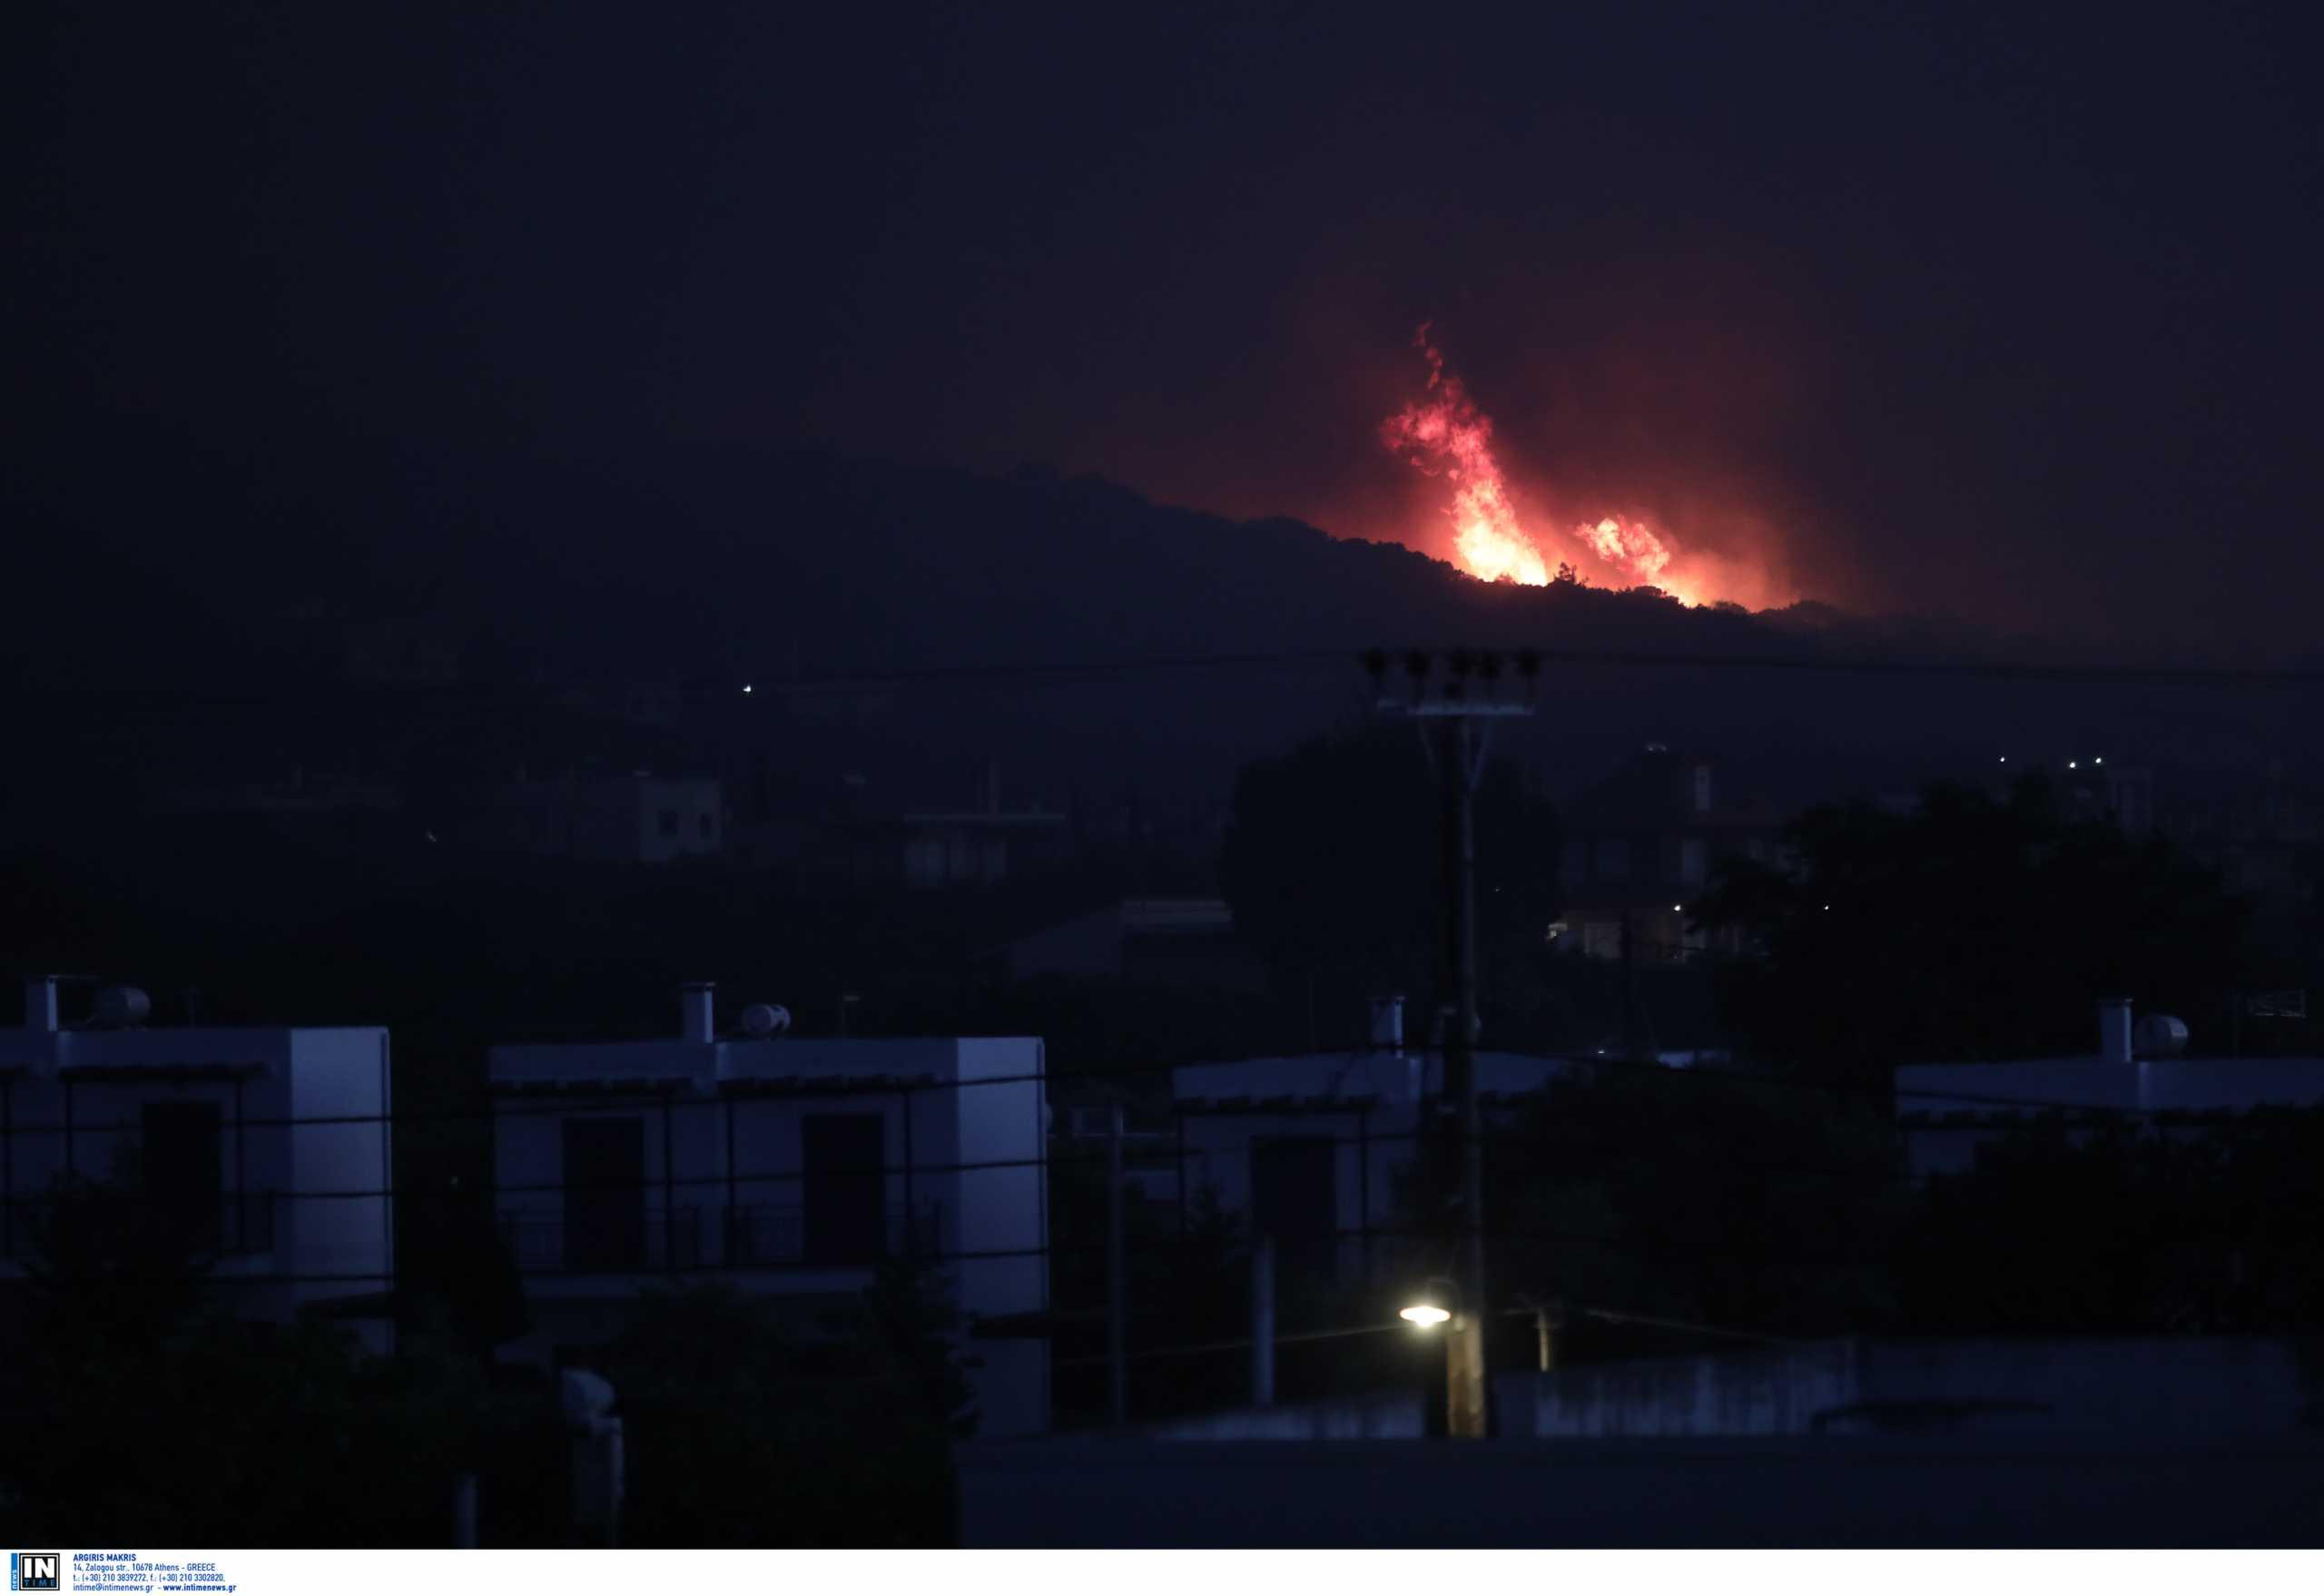 Φωτιά στα Μέγαρα: Ολονύχτια αγωνία για αναζωπυρώσεις – Στάχτη πάνω από 55.000 στρέμματα